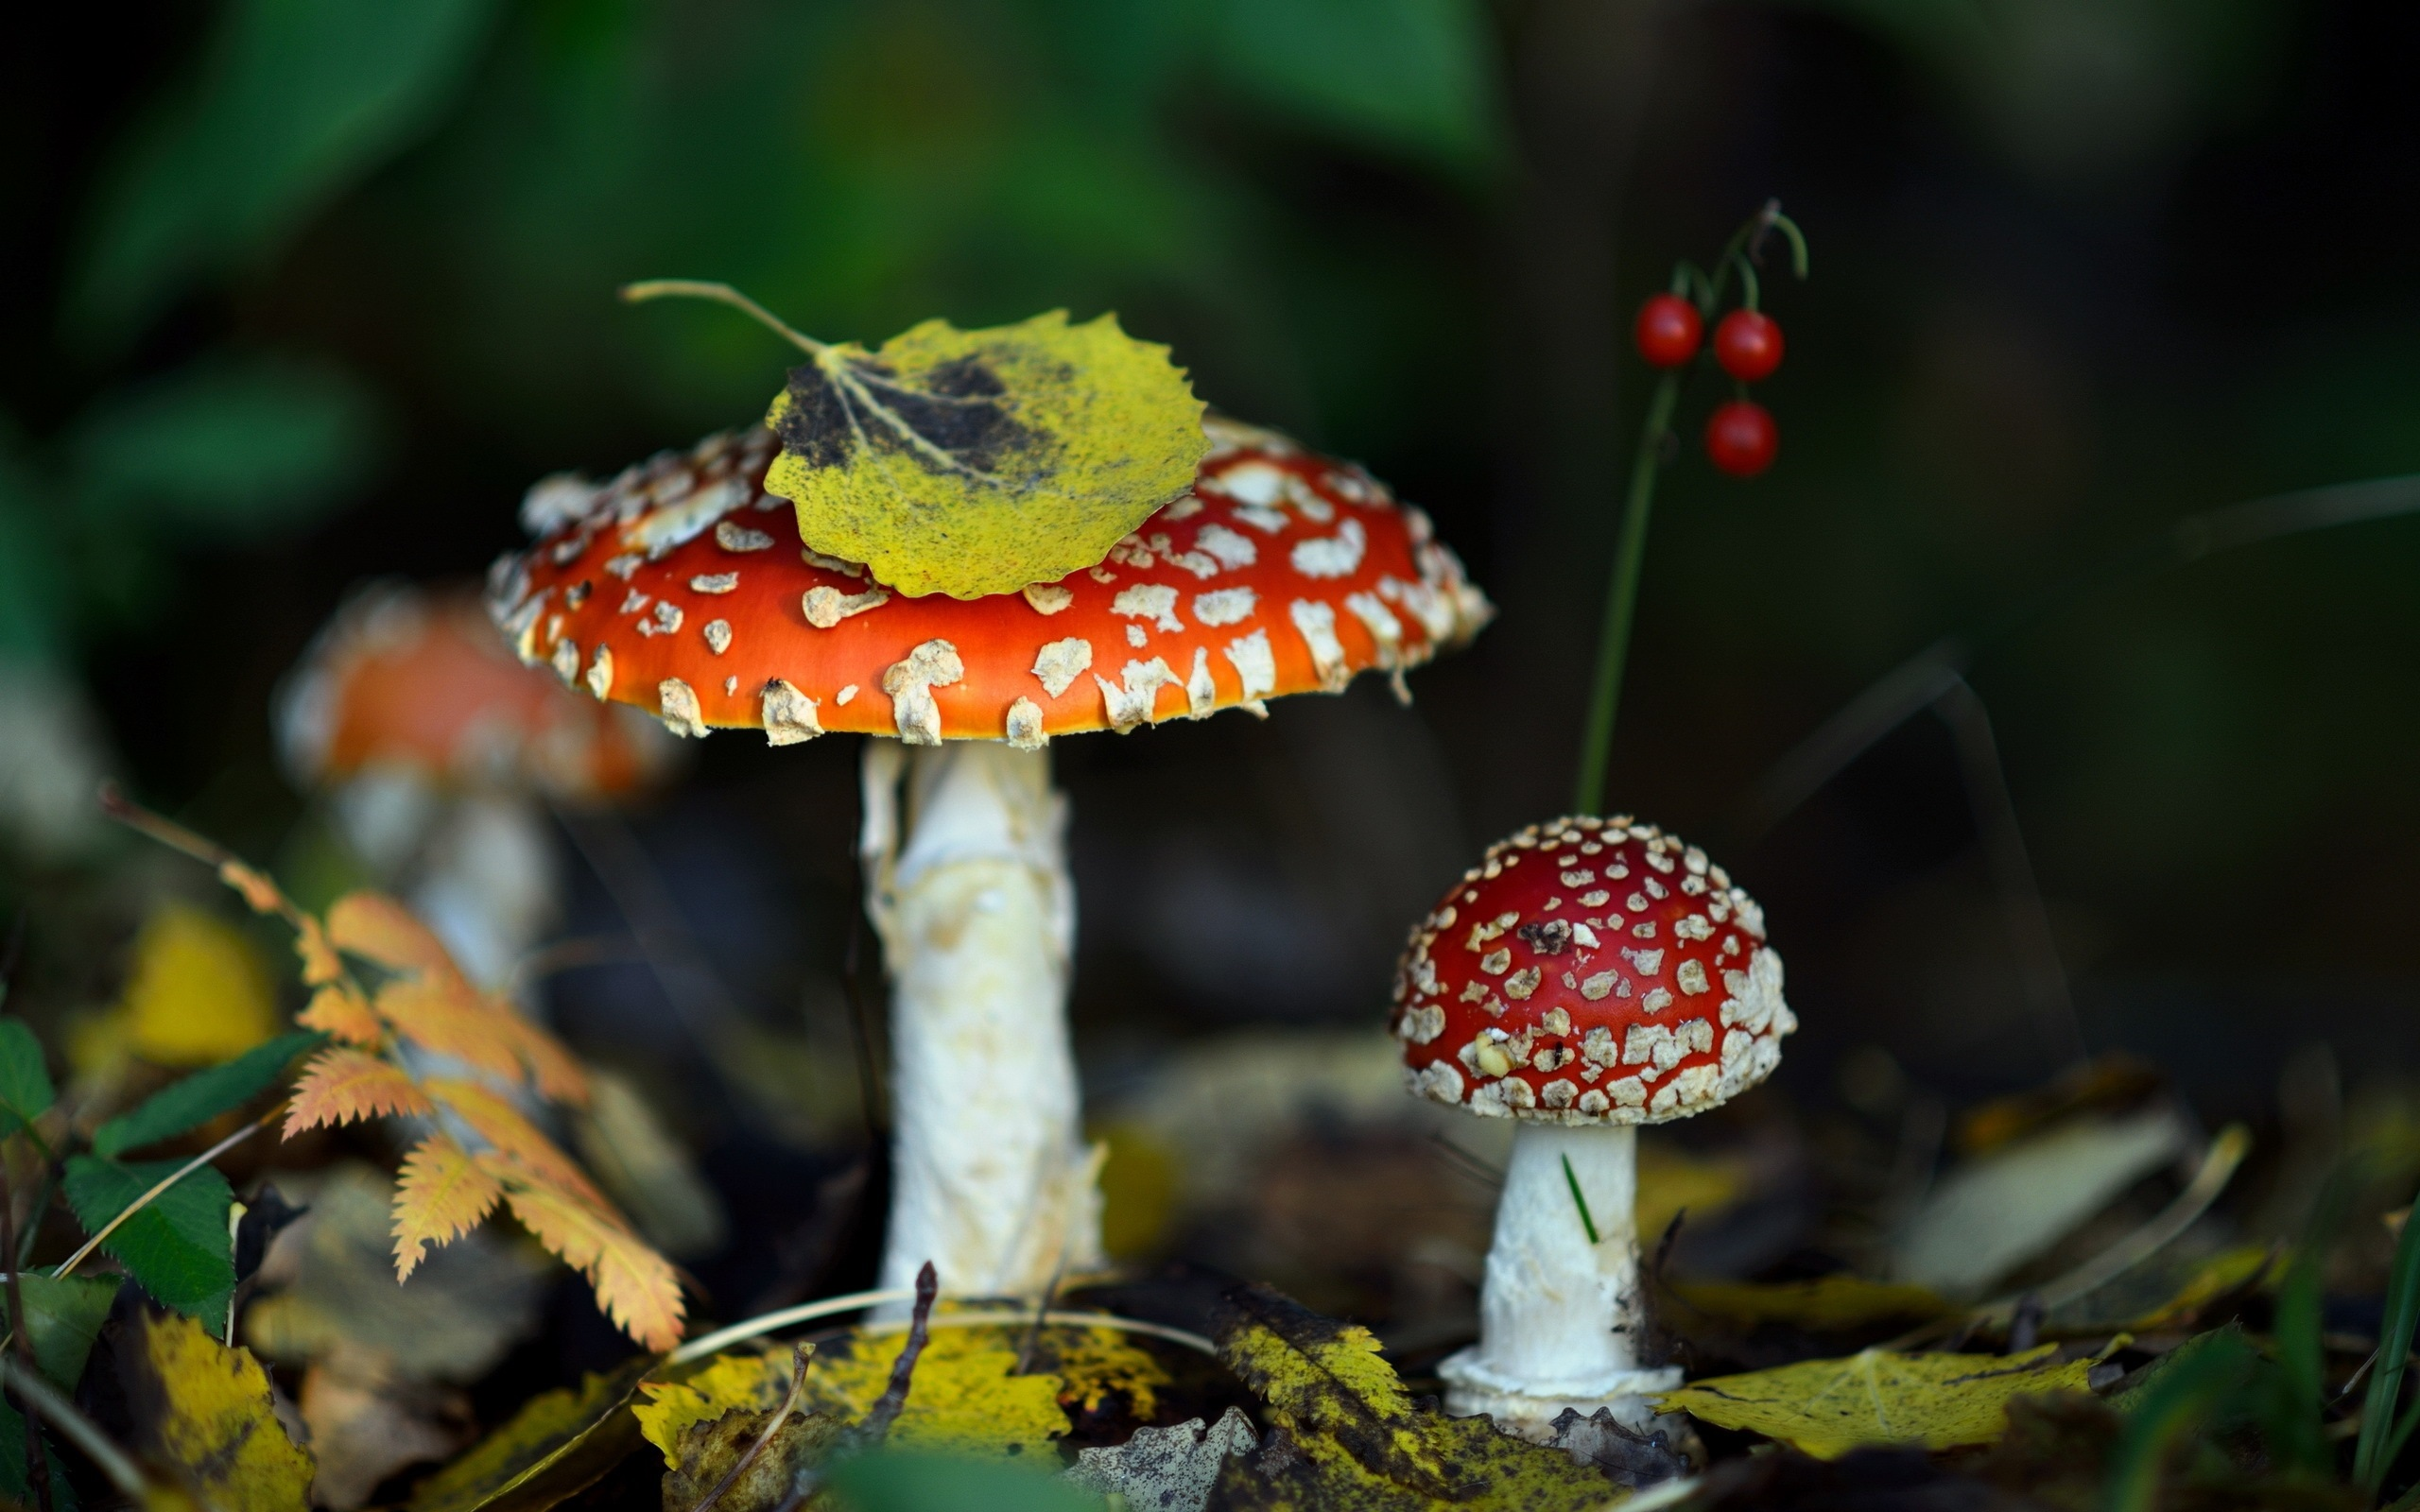 картинки на рабочий стол грибы мухоморы сердце